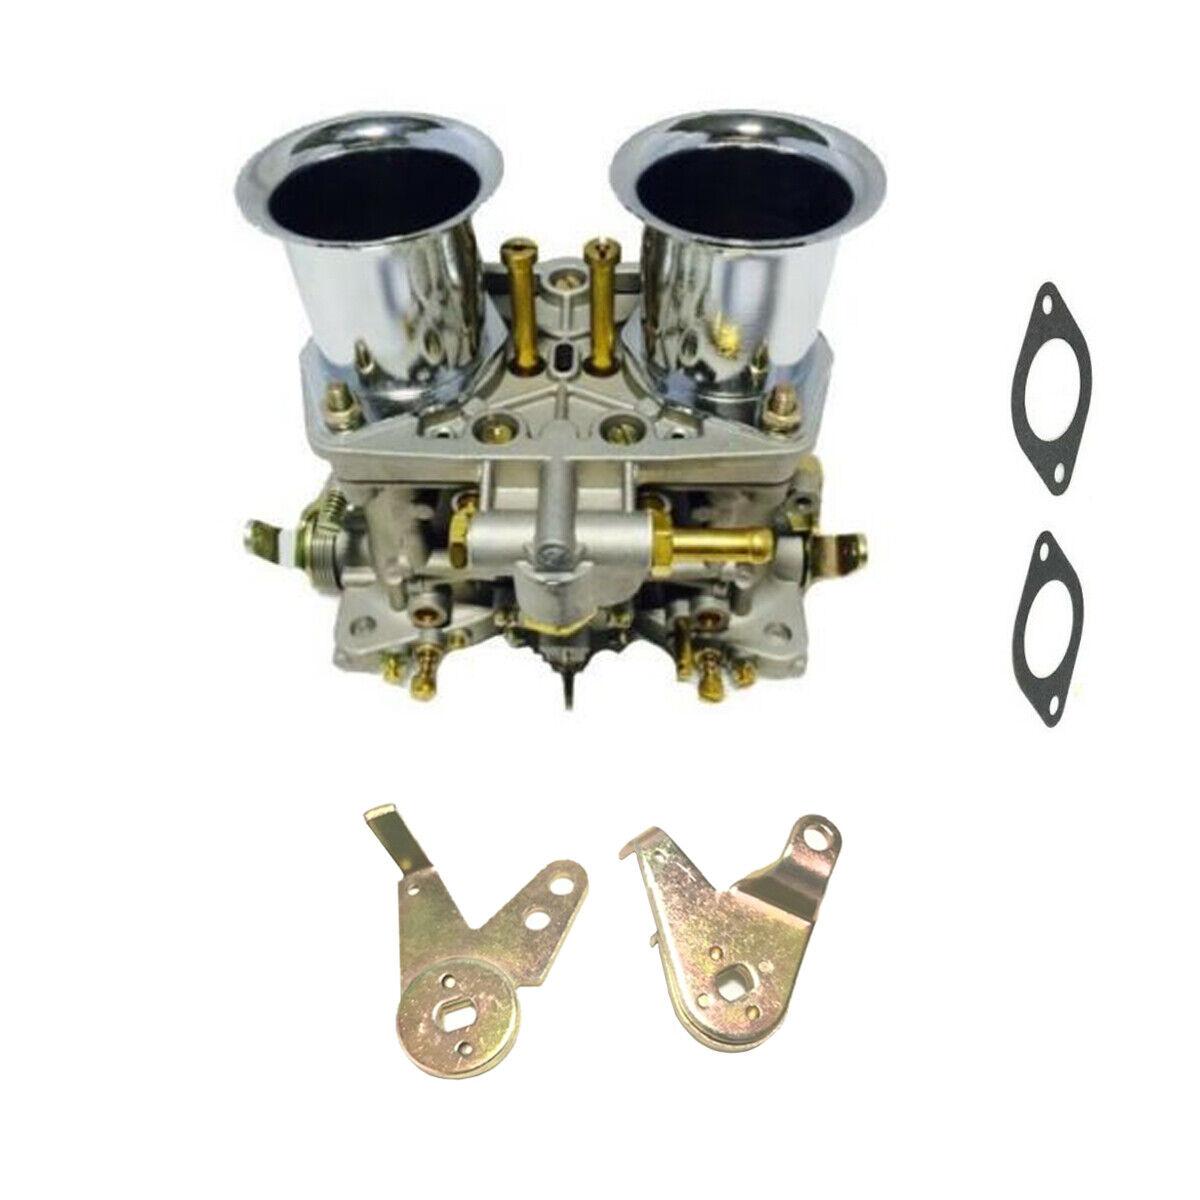 WFLNHB 2-Barrel Carburetor Carb Fit for Bug Volkswagen Beetle Fiat Fit for Weber 40 IDF